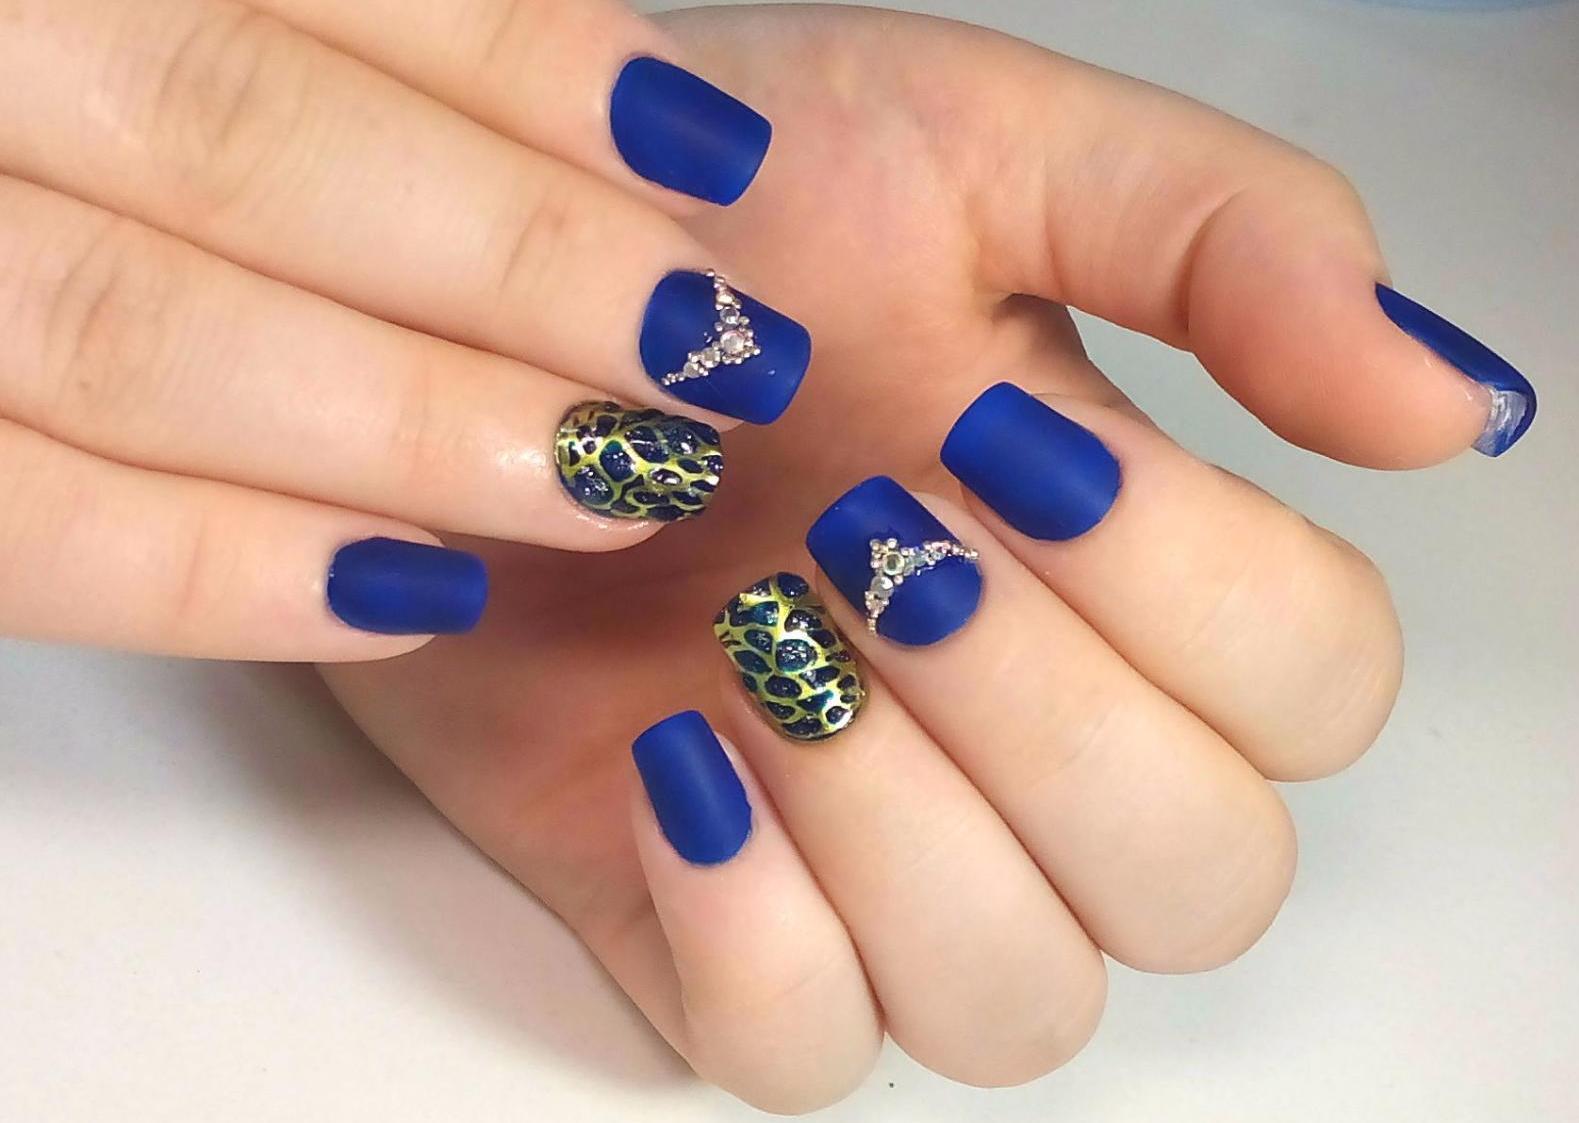 фото ногтей с дизайном литье на золото